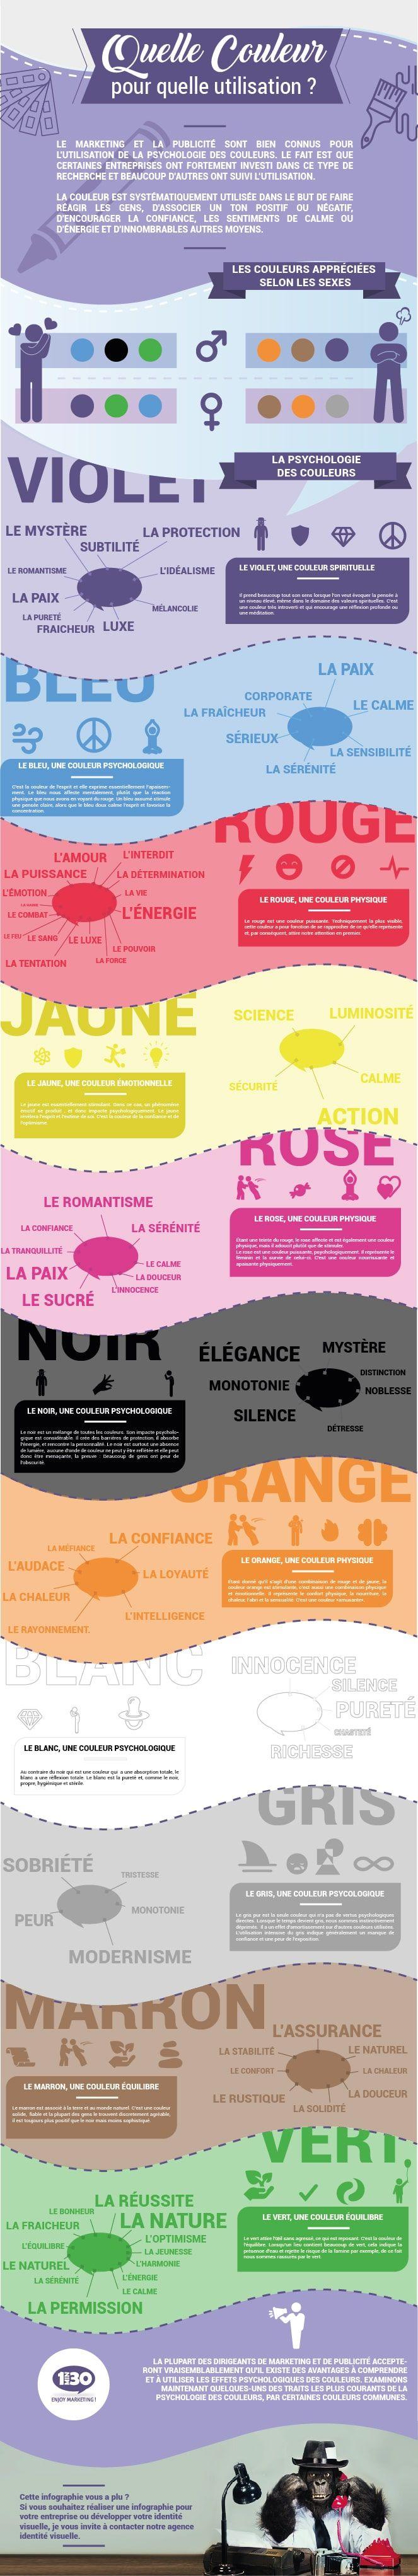 Quelle Couleur Pour Quelle Utilisation Infographie Par Alvin F Infographie Marketing Signification Des Couleurs